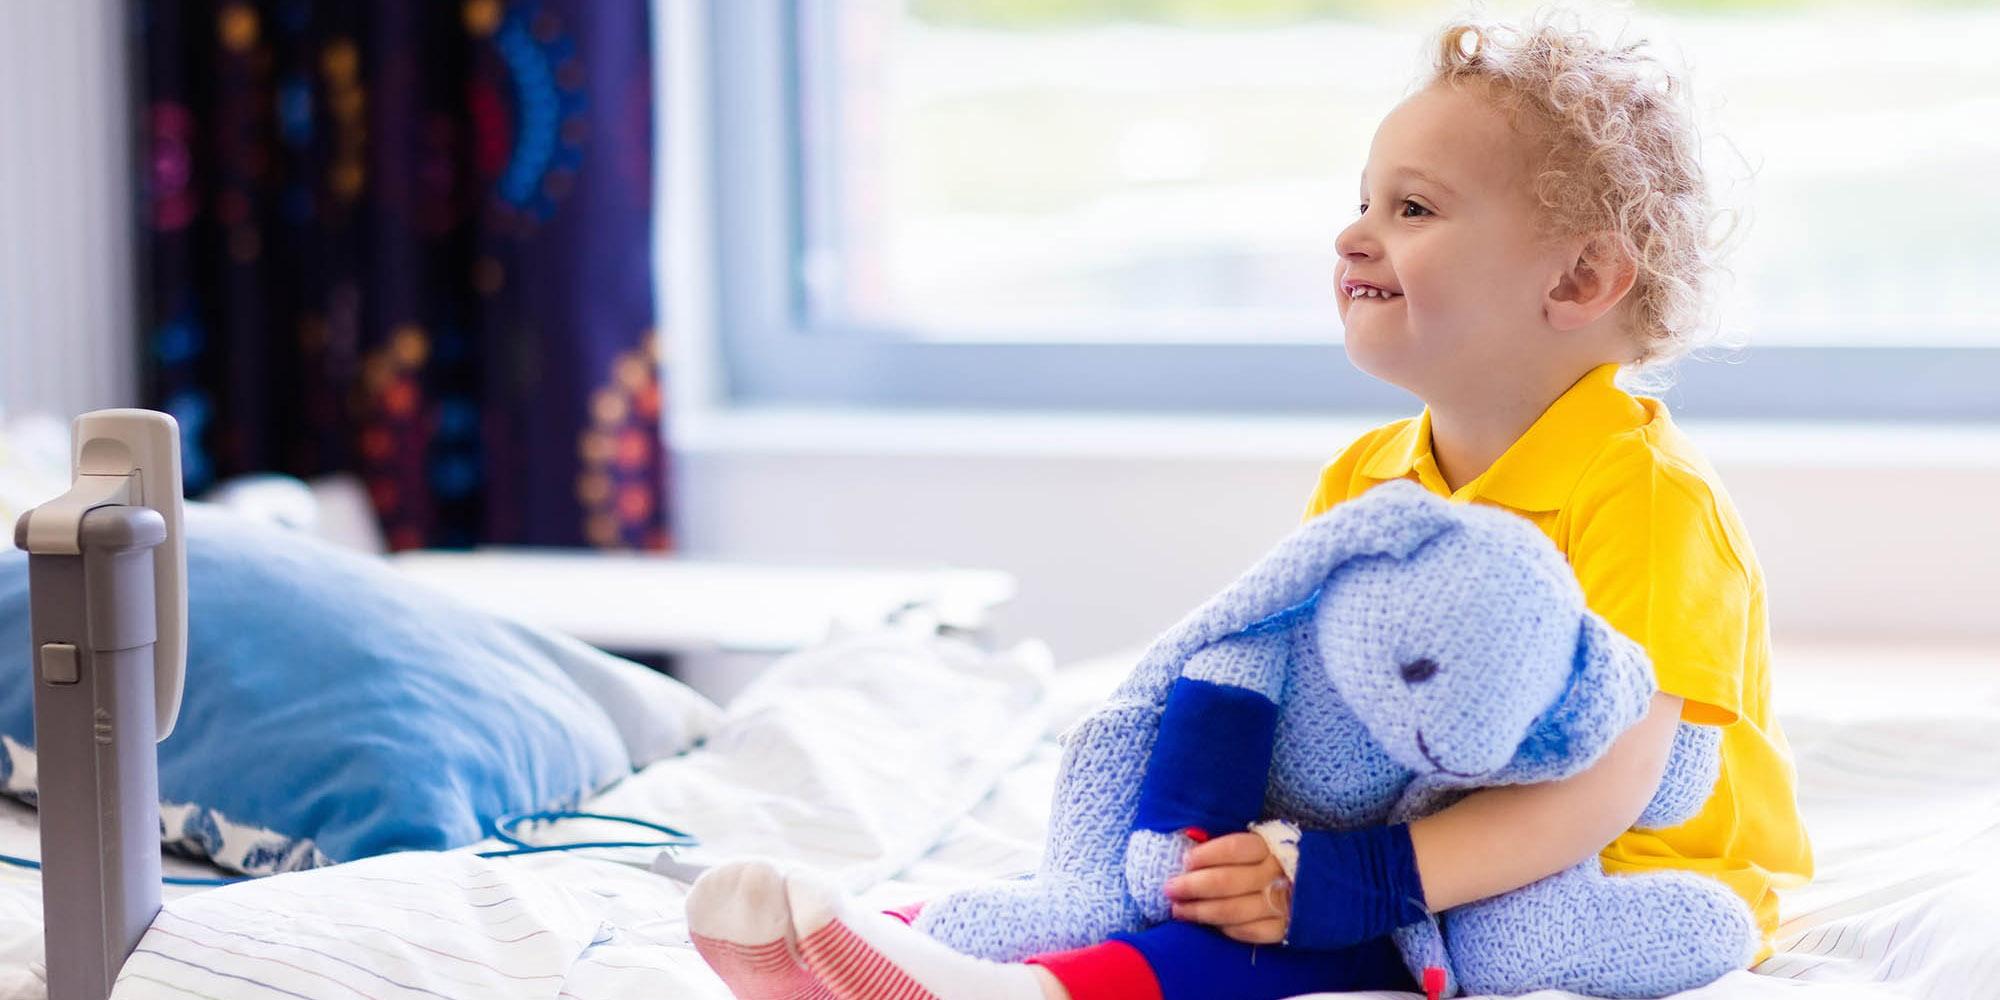 Lachend kind, met blauwe knuffel in hand en geel shirt aan, in ziekenhuisbed